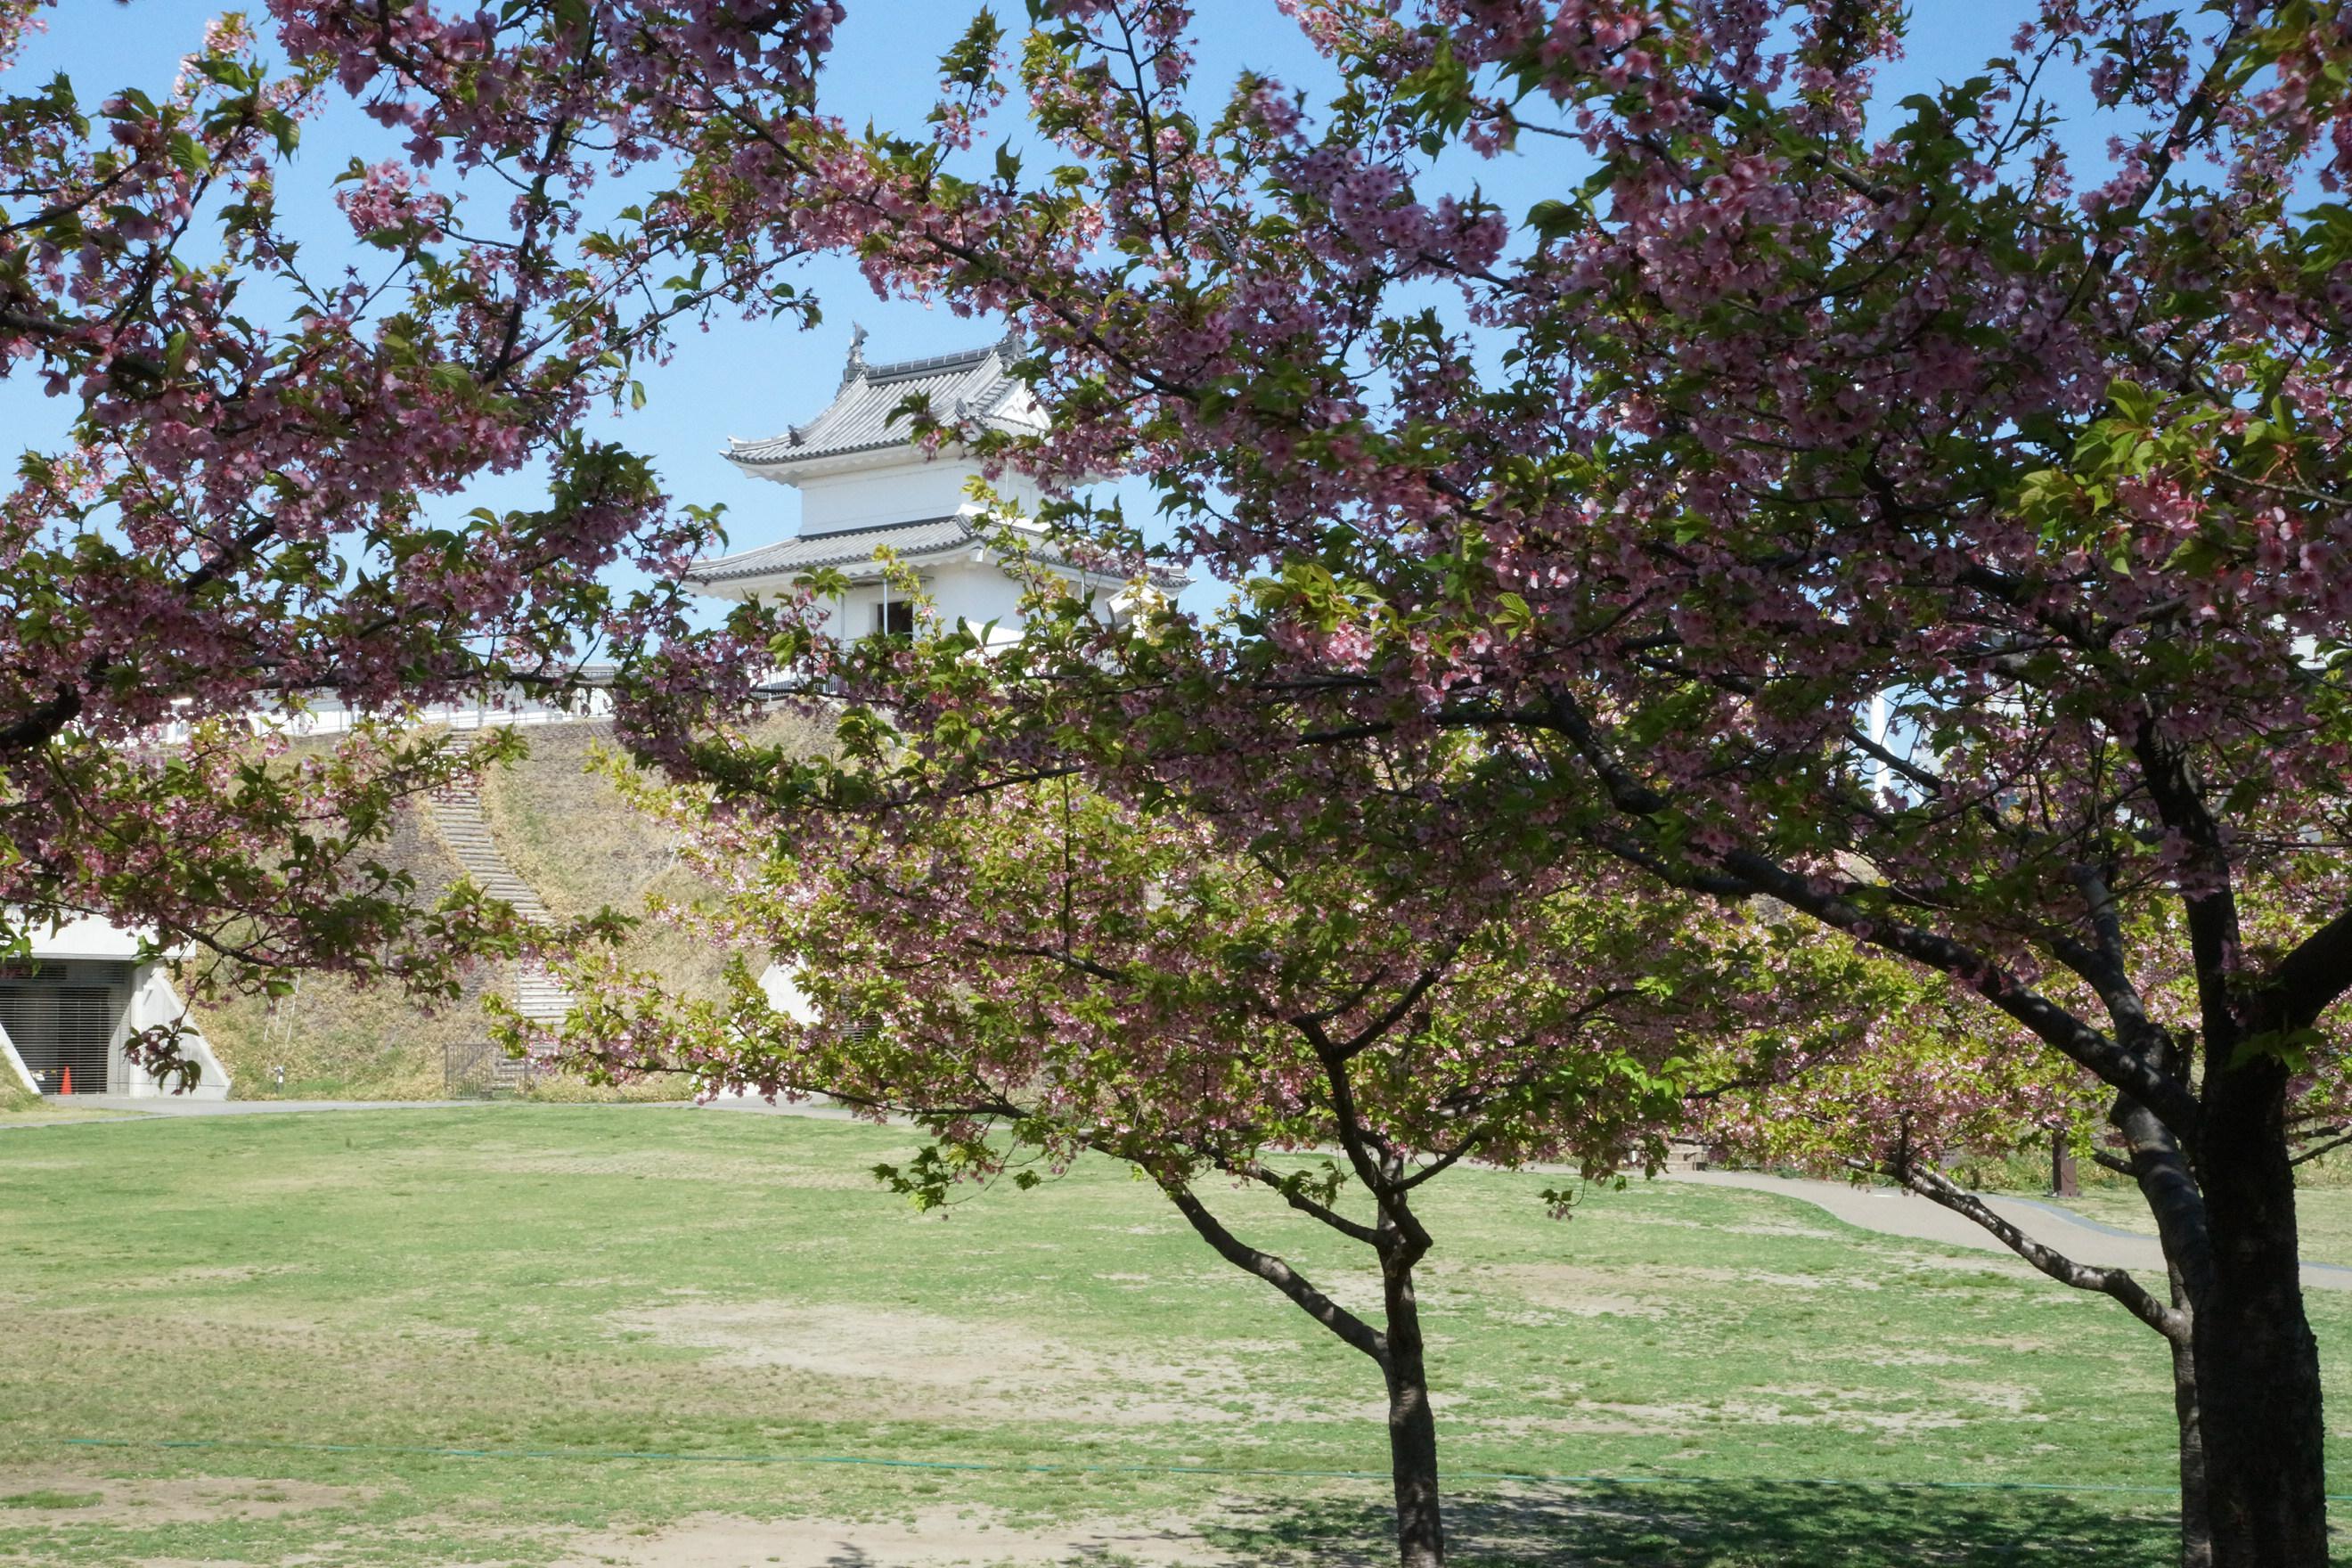 宇都宮城址公園2018年3月30日更新